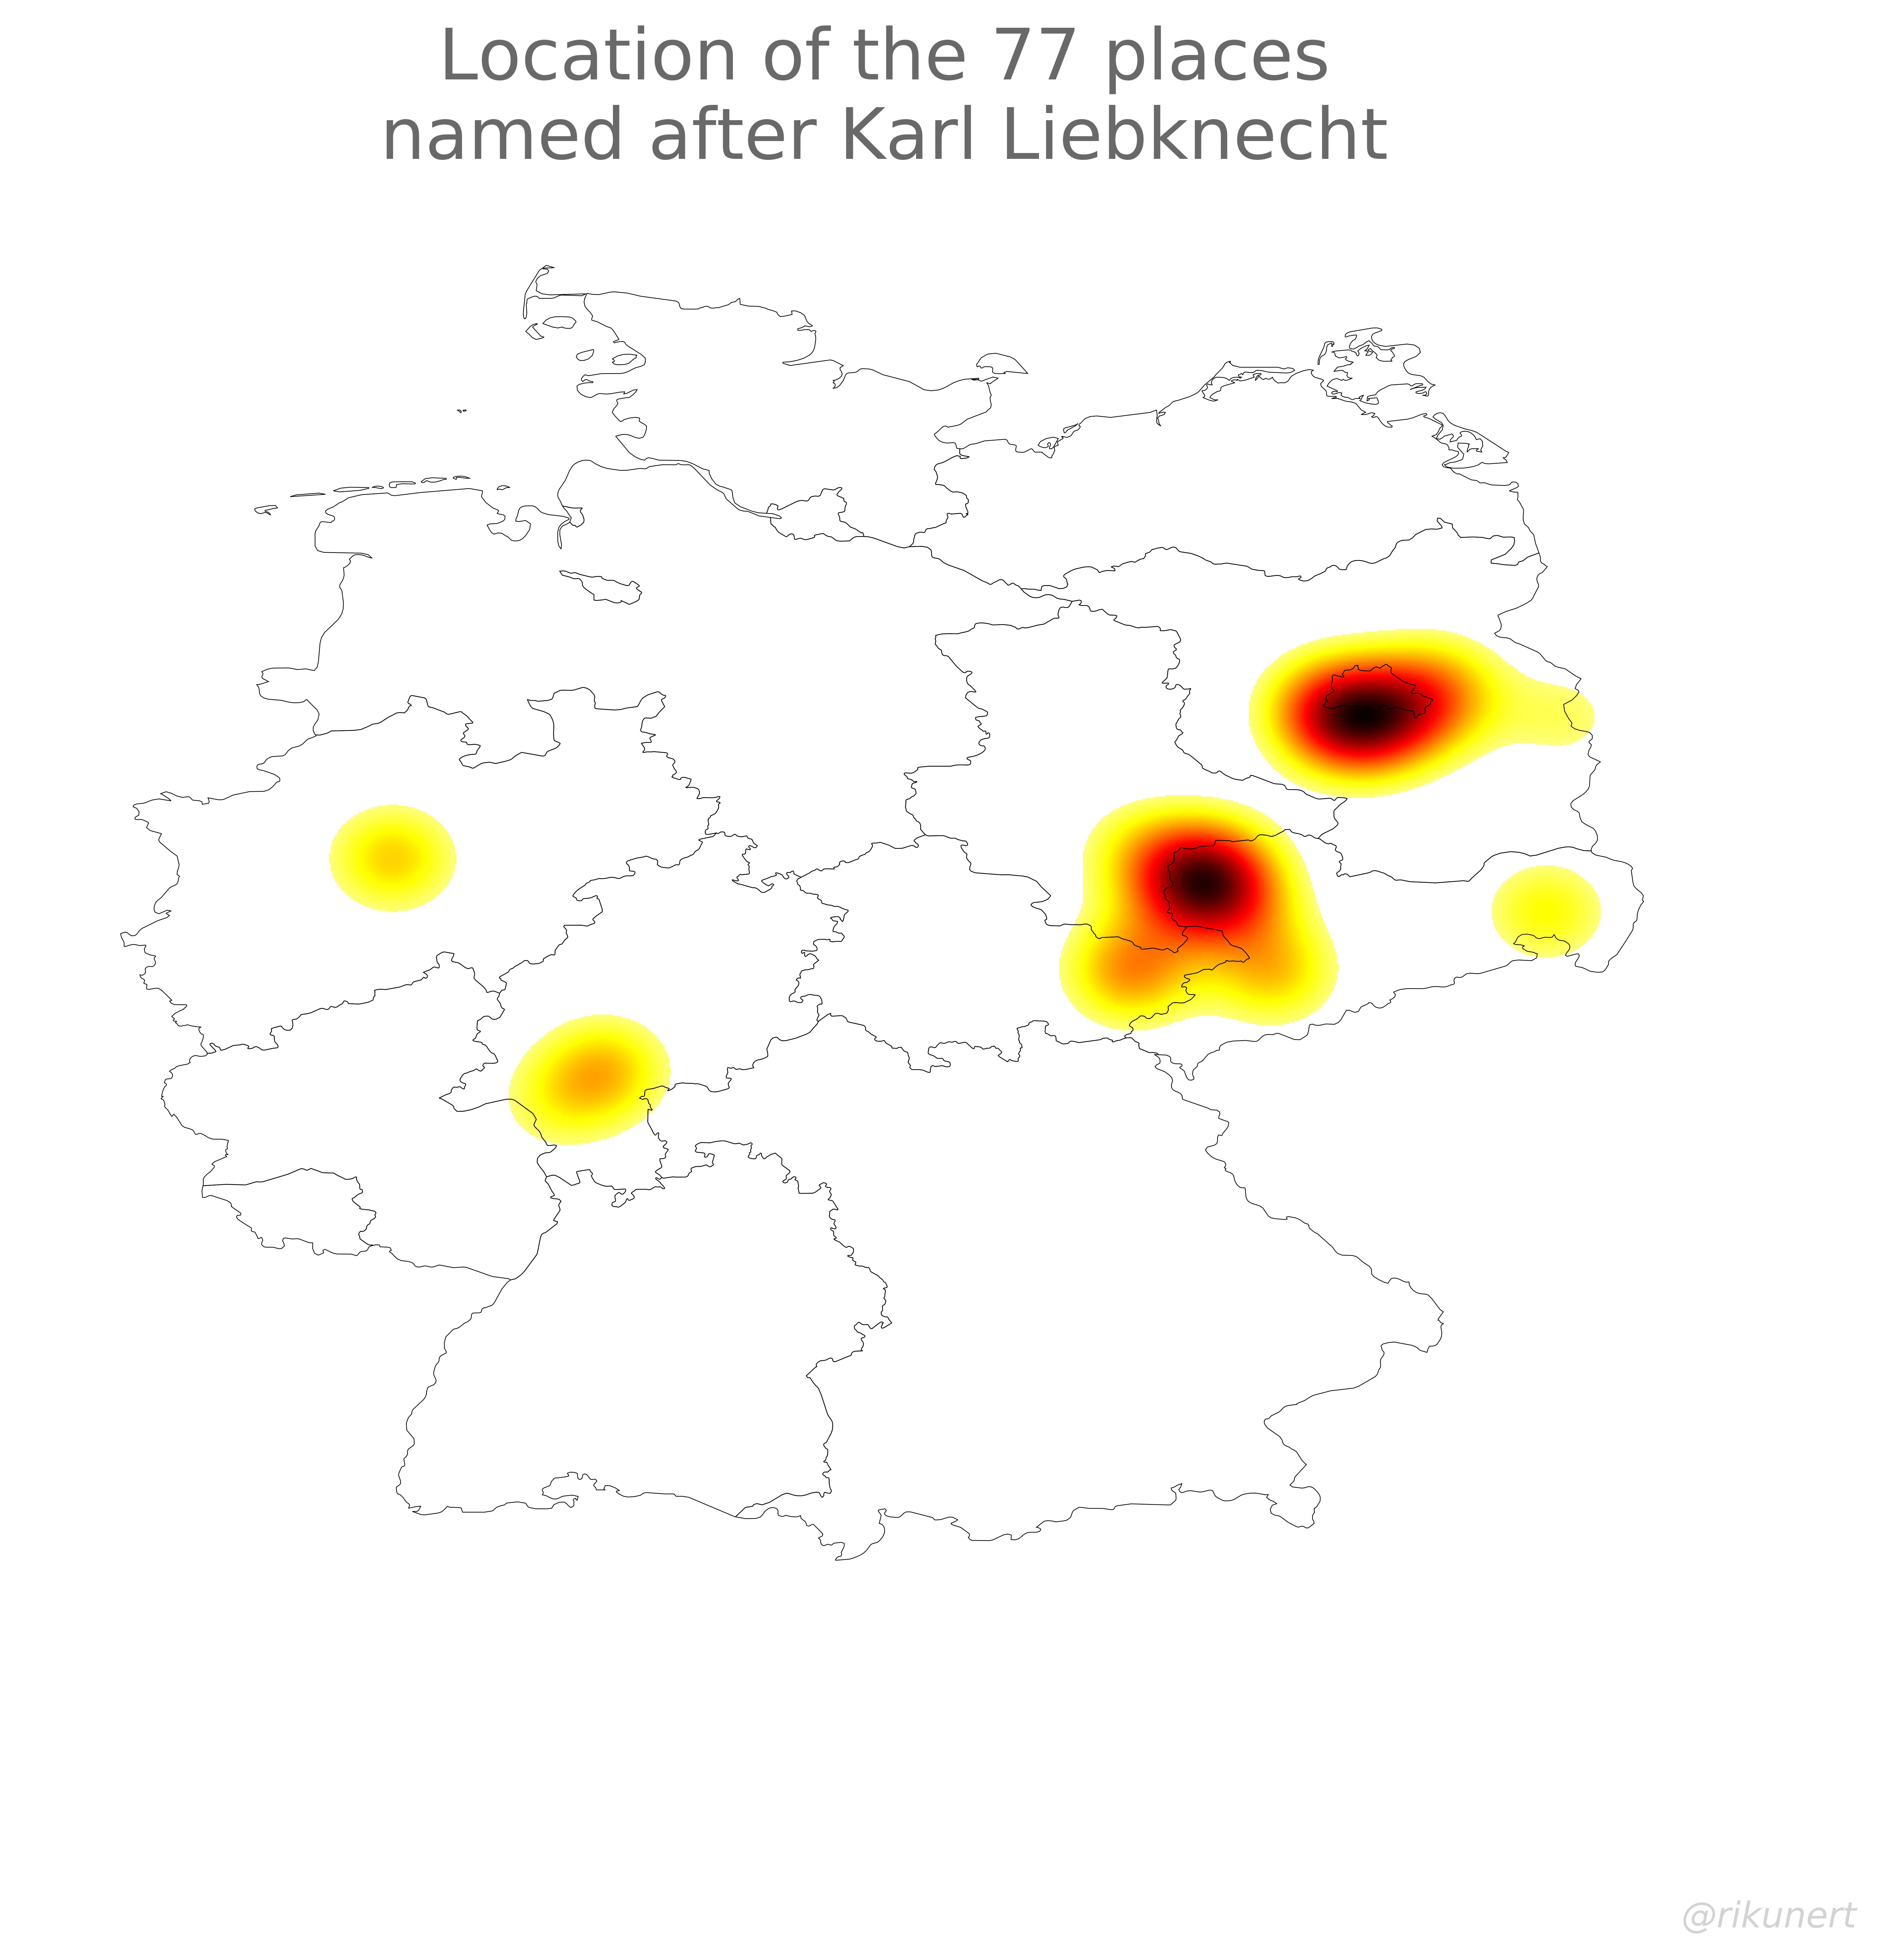 Karl Liebknecht place names heat map